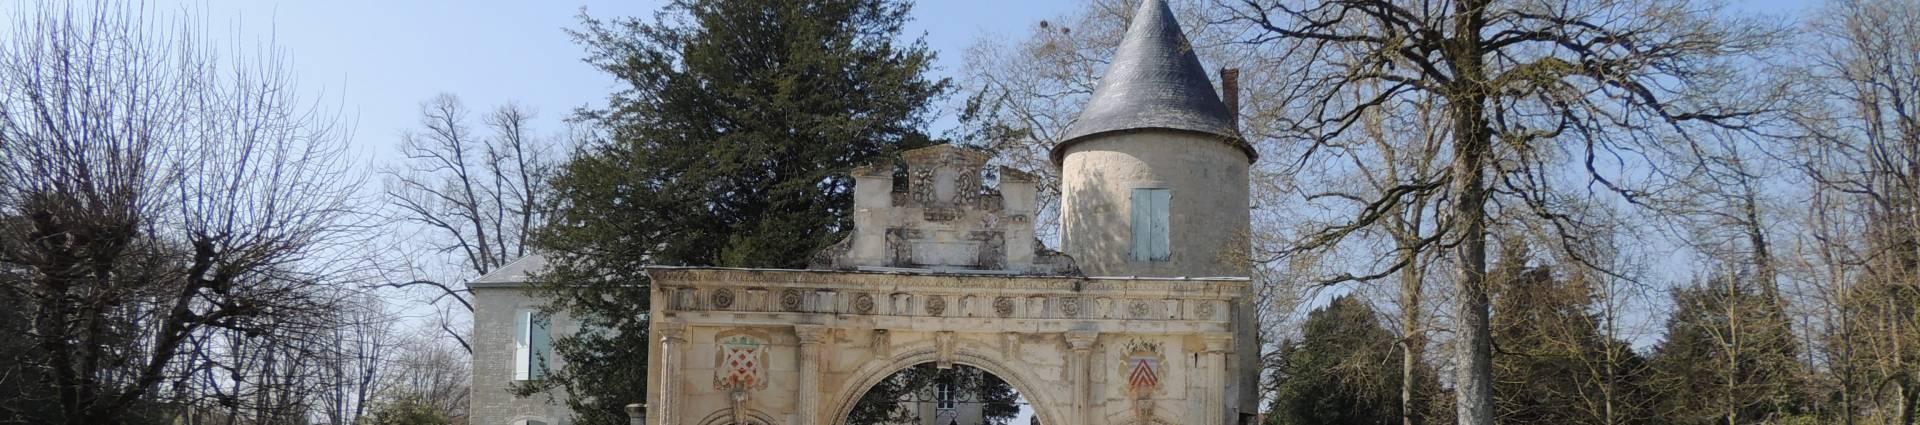 Visite audio-guidée du Parc du Château